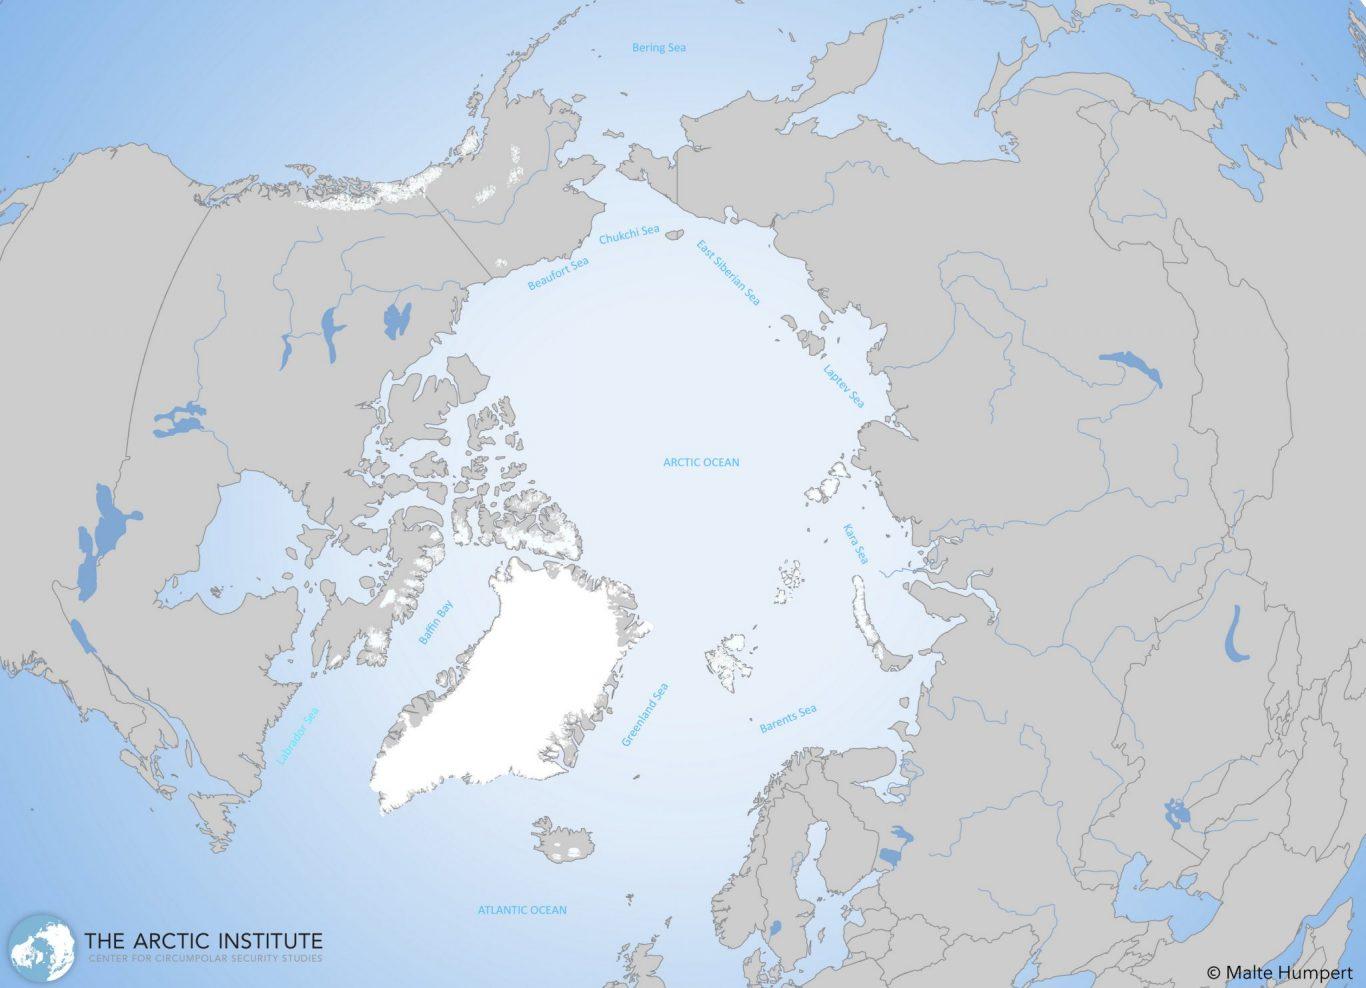 Kart: The Arctic Institute